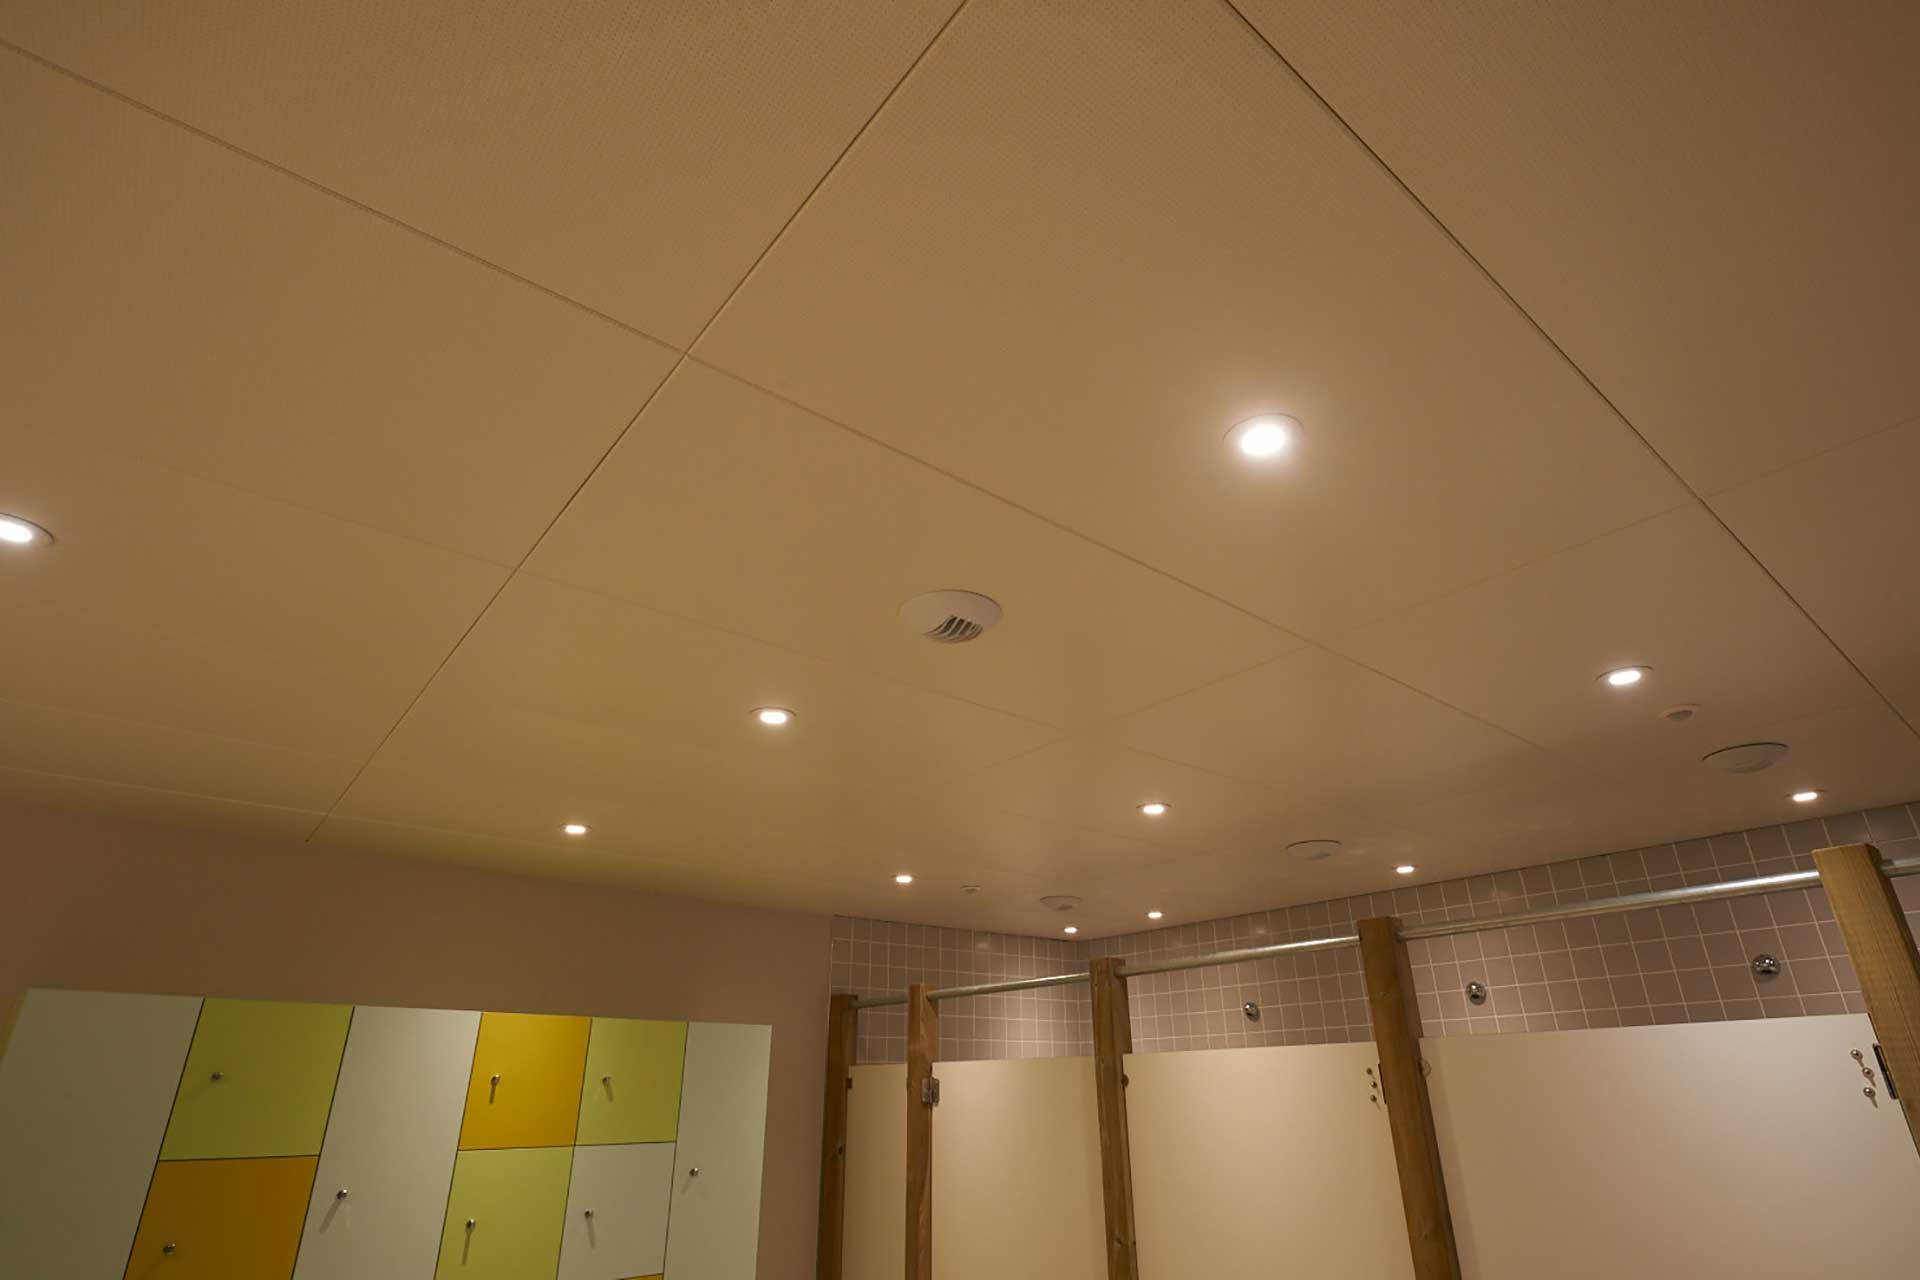 Plafonds suspendus démontables dalles métalliques dalles ossature cachée